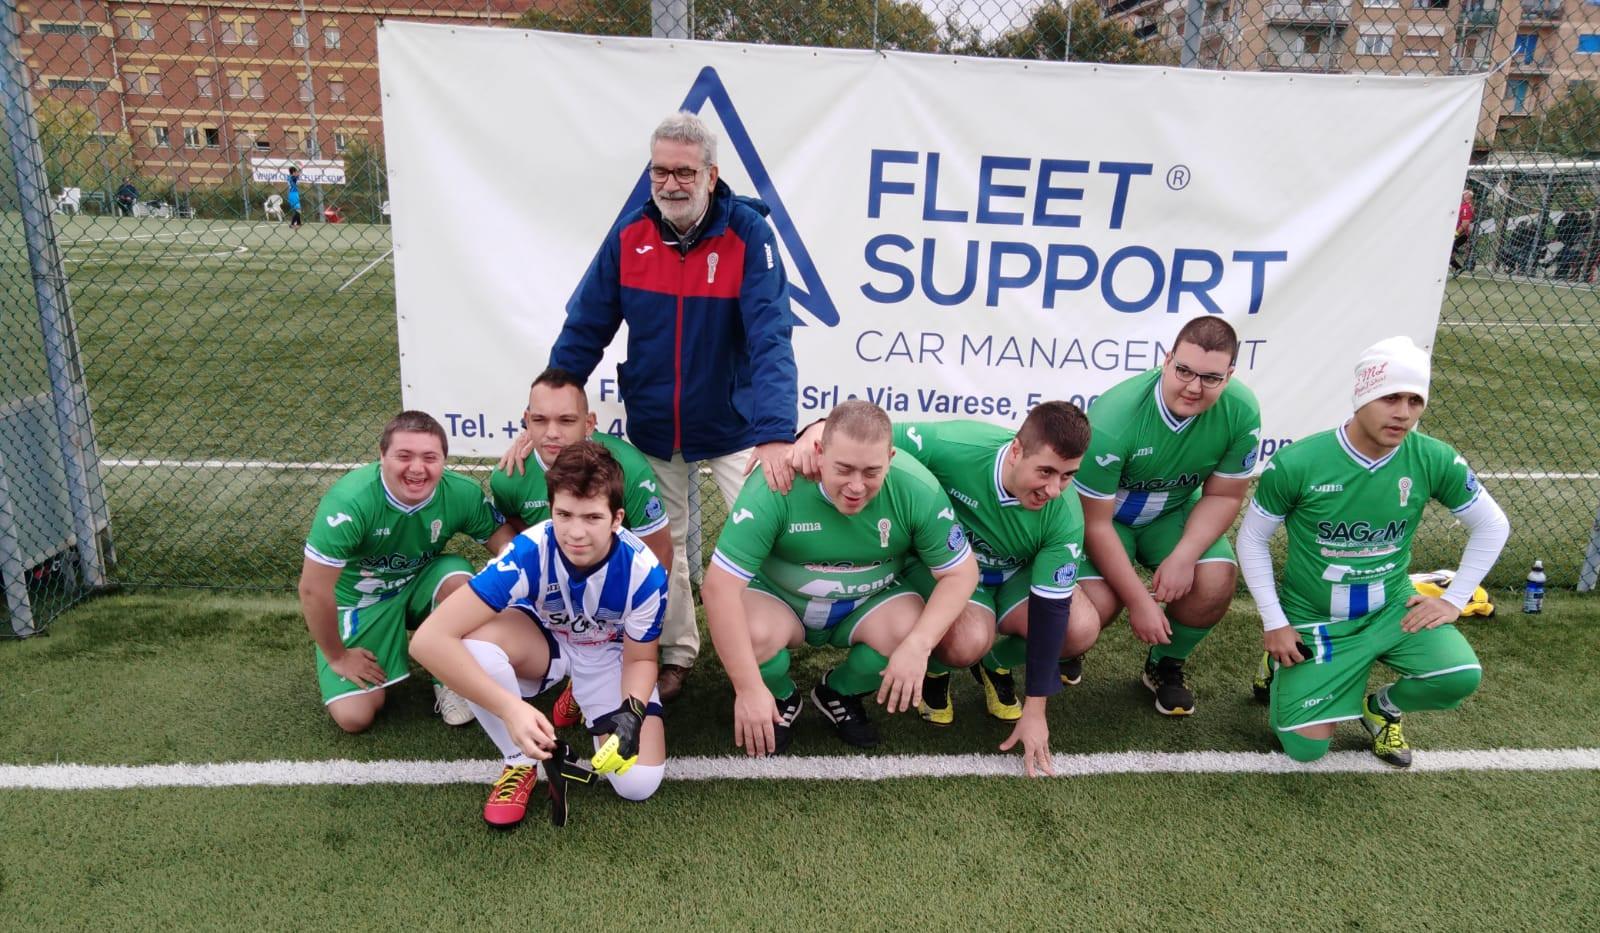 centocellefc torneo fleet support 03.jpe